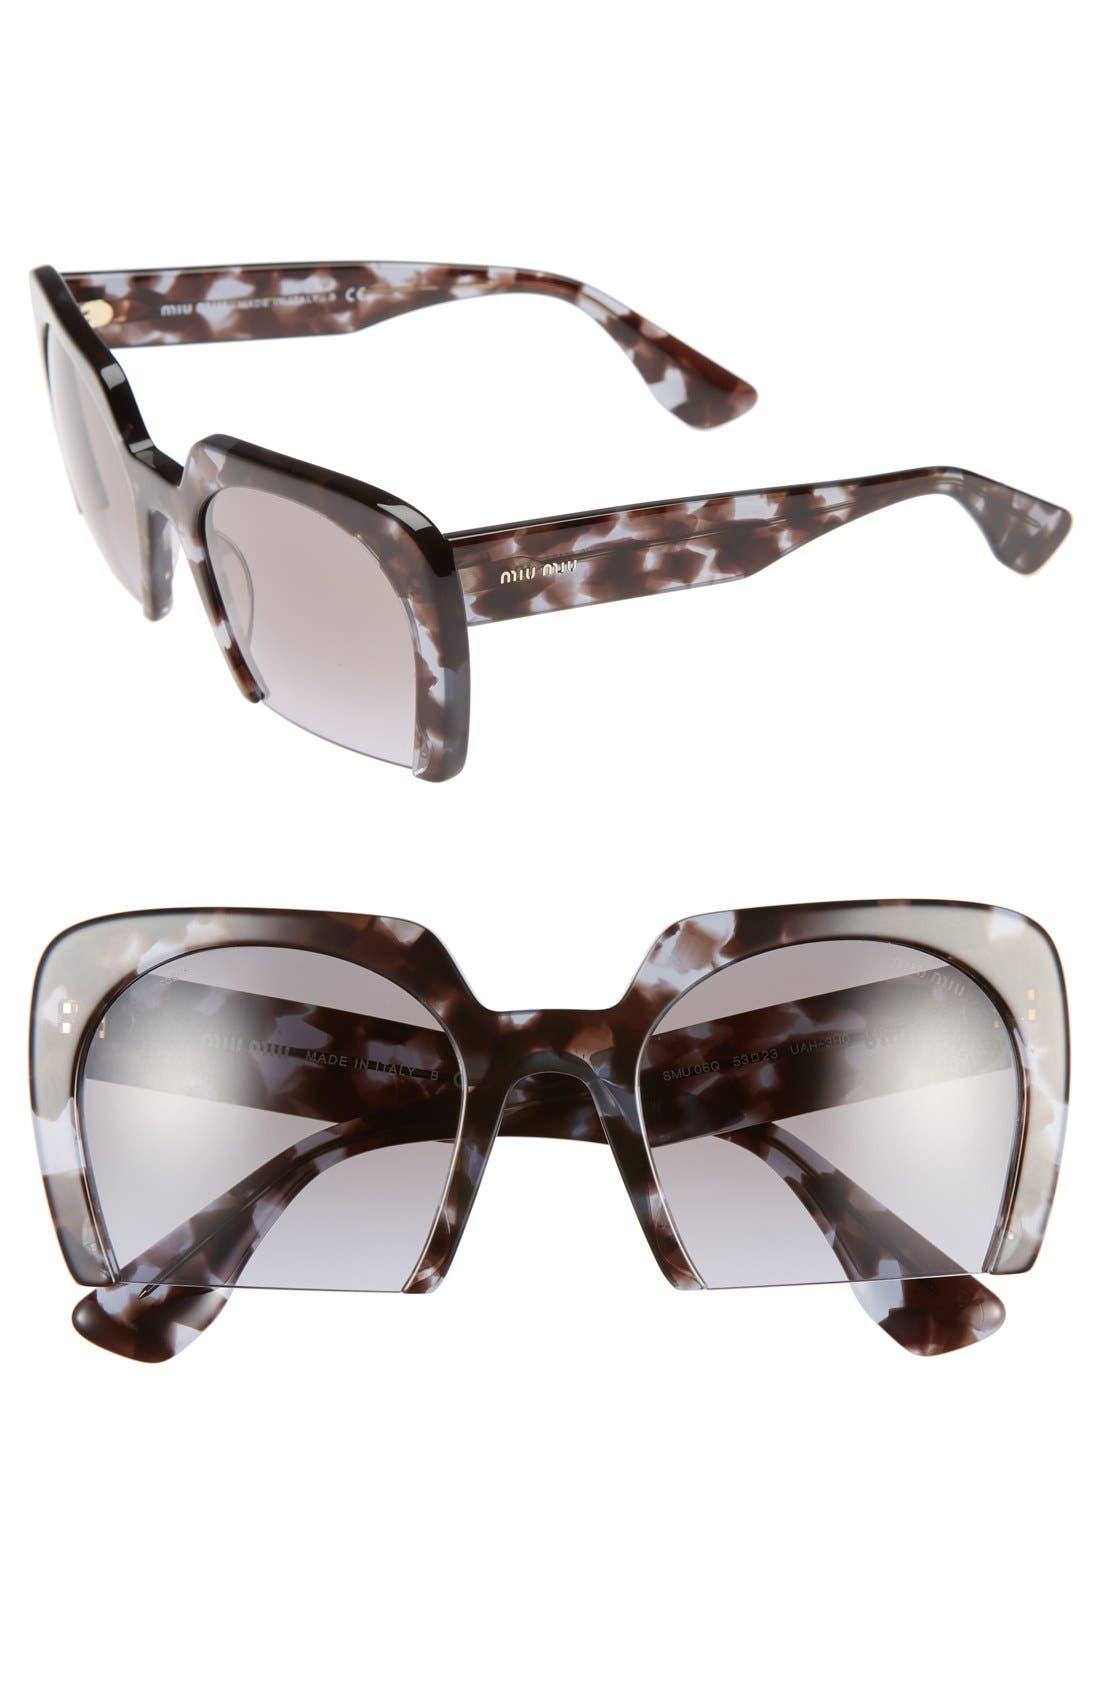 Main Image - Miu Miu 53mm Sunglasses